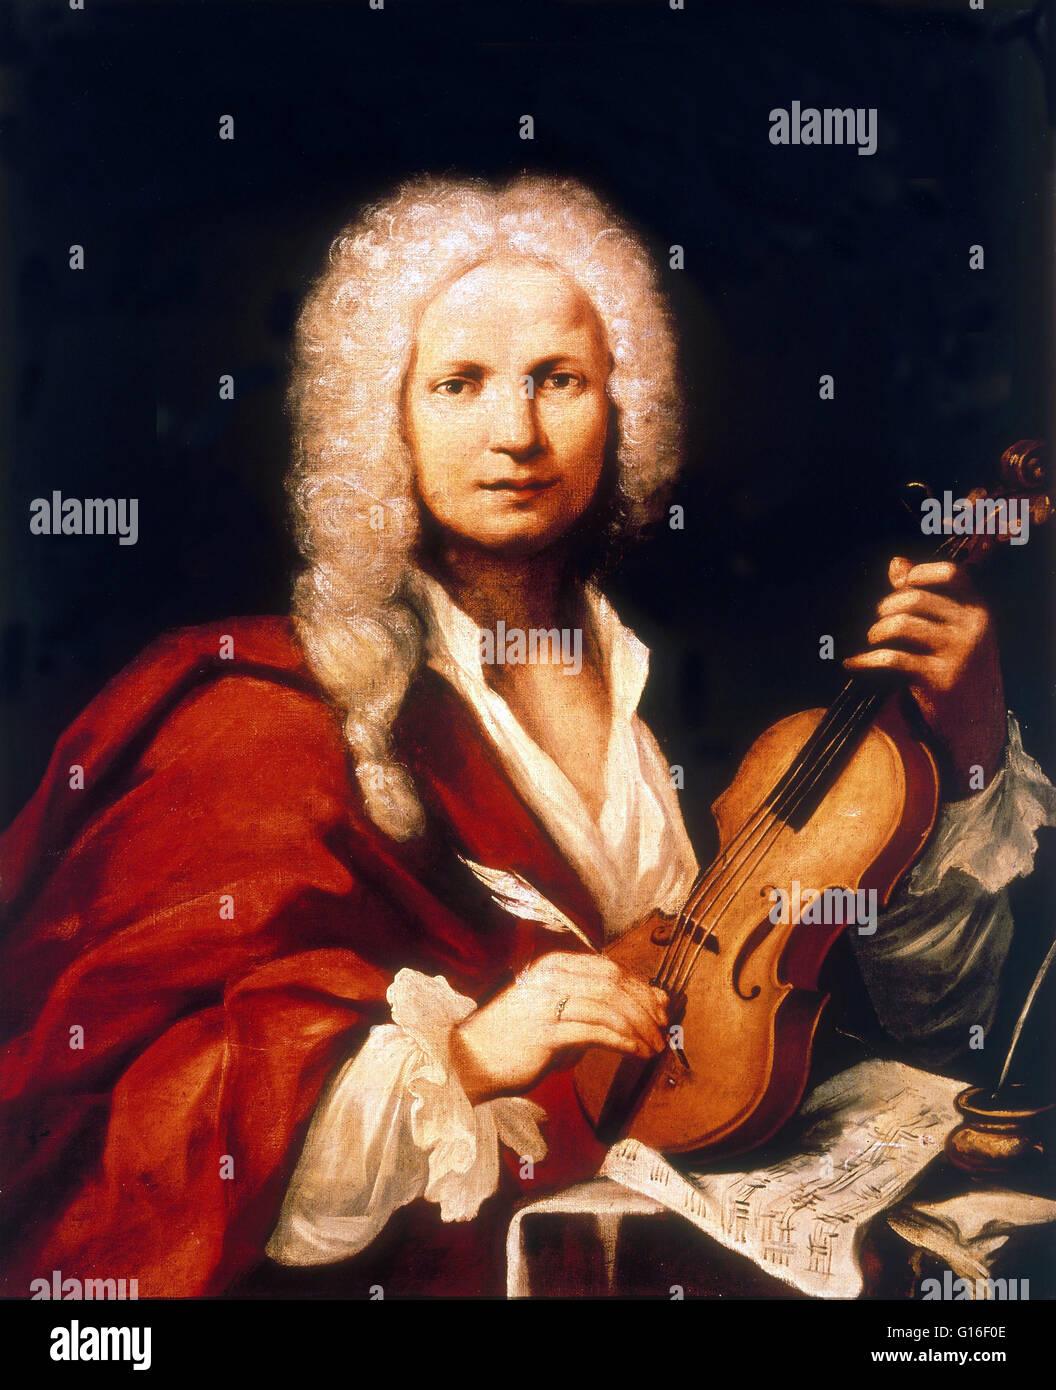 antonio vivaldi 8 Download or order concerto no 2 (summer) op 8 no 2, rv 315 sheet music from the composer antonio vivaldi arranged for violin 17 items available.